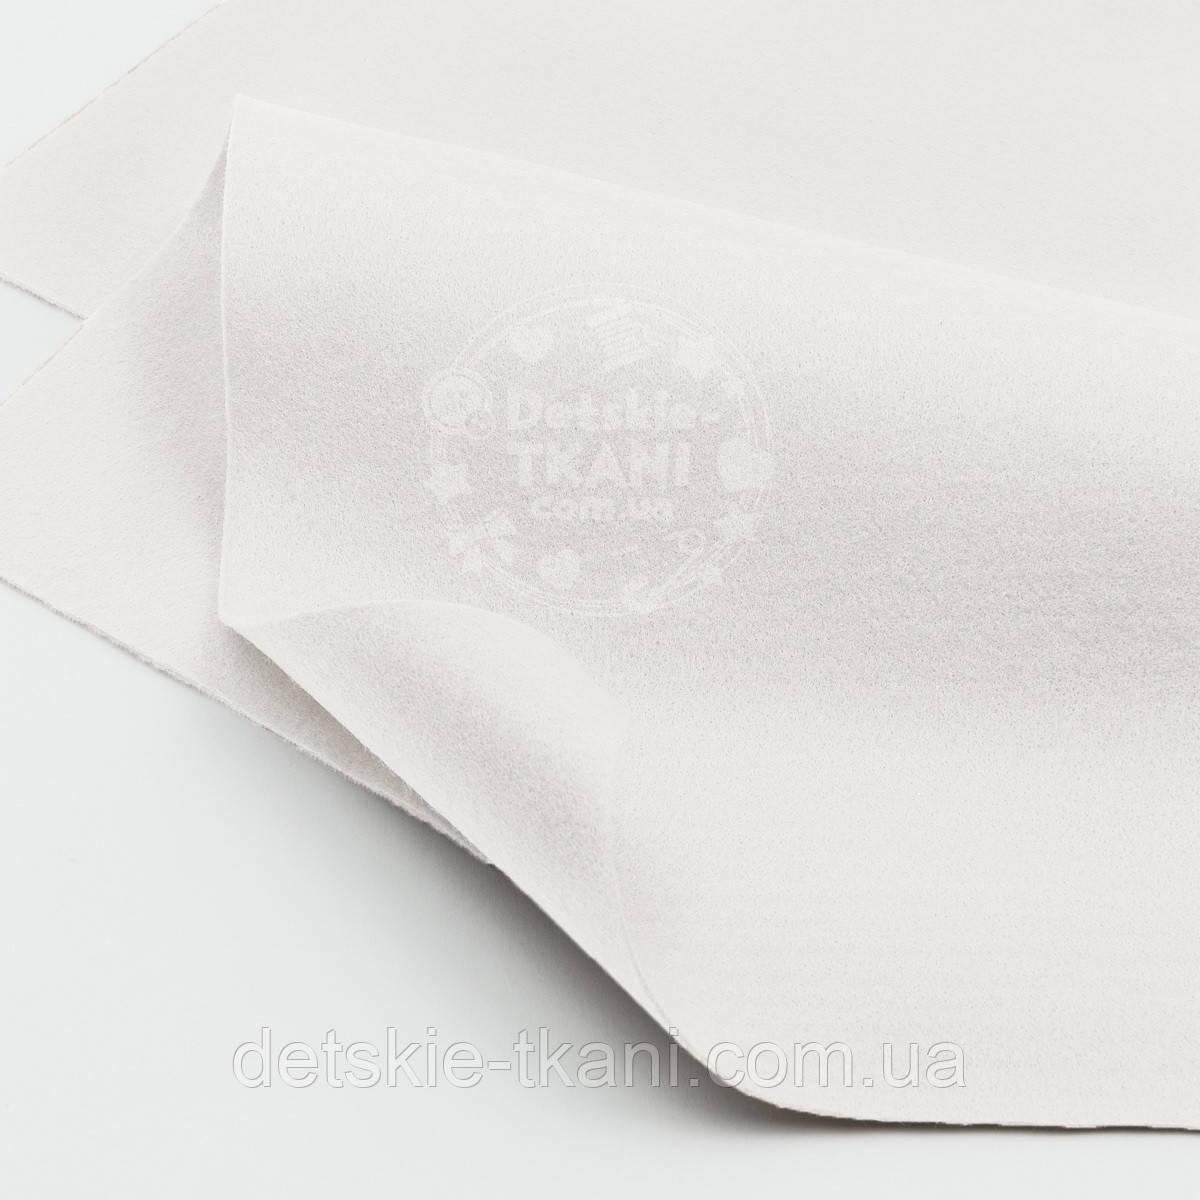 Мягкий листовой фетр белого цвета 20*30 см (ФМ-1)